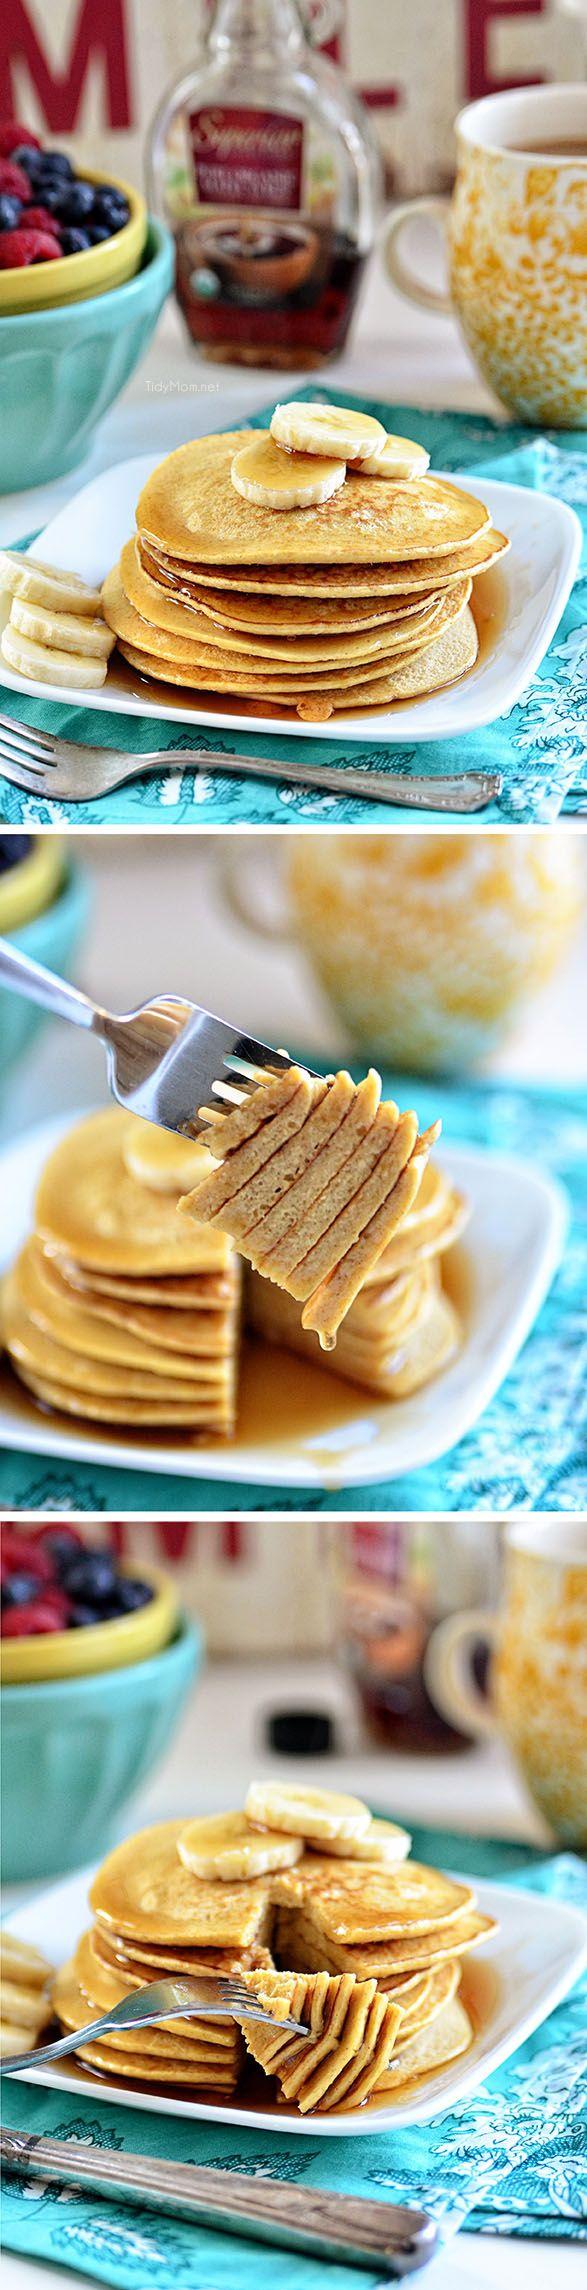 Oatmeal banana bread pancakes! So yummy! Perfect breakfast recipe!